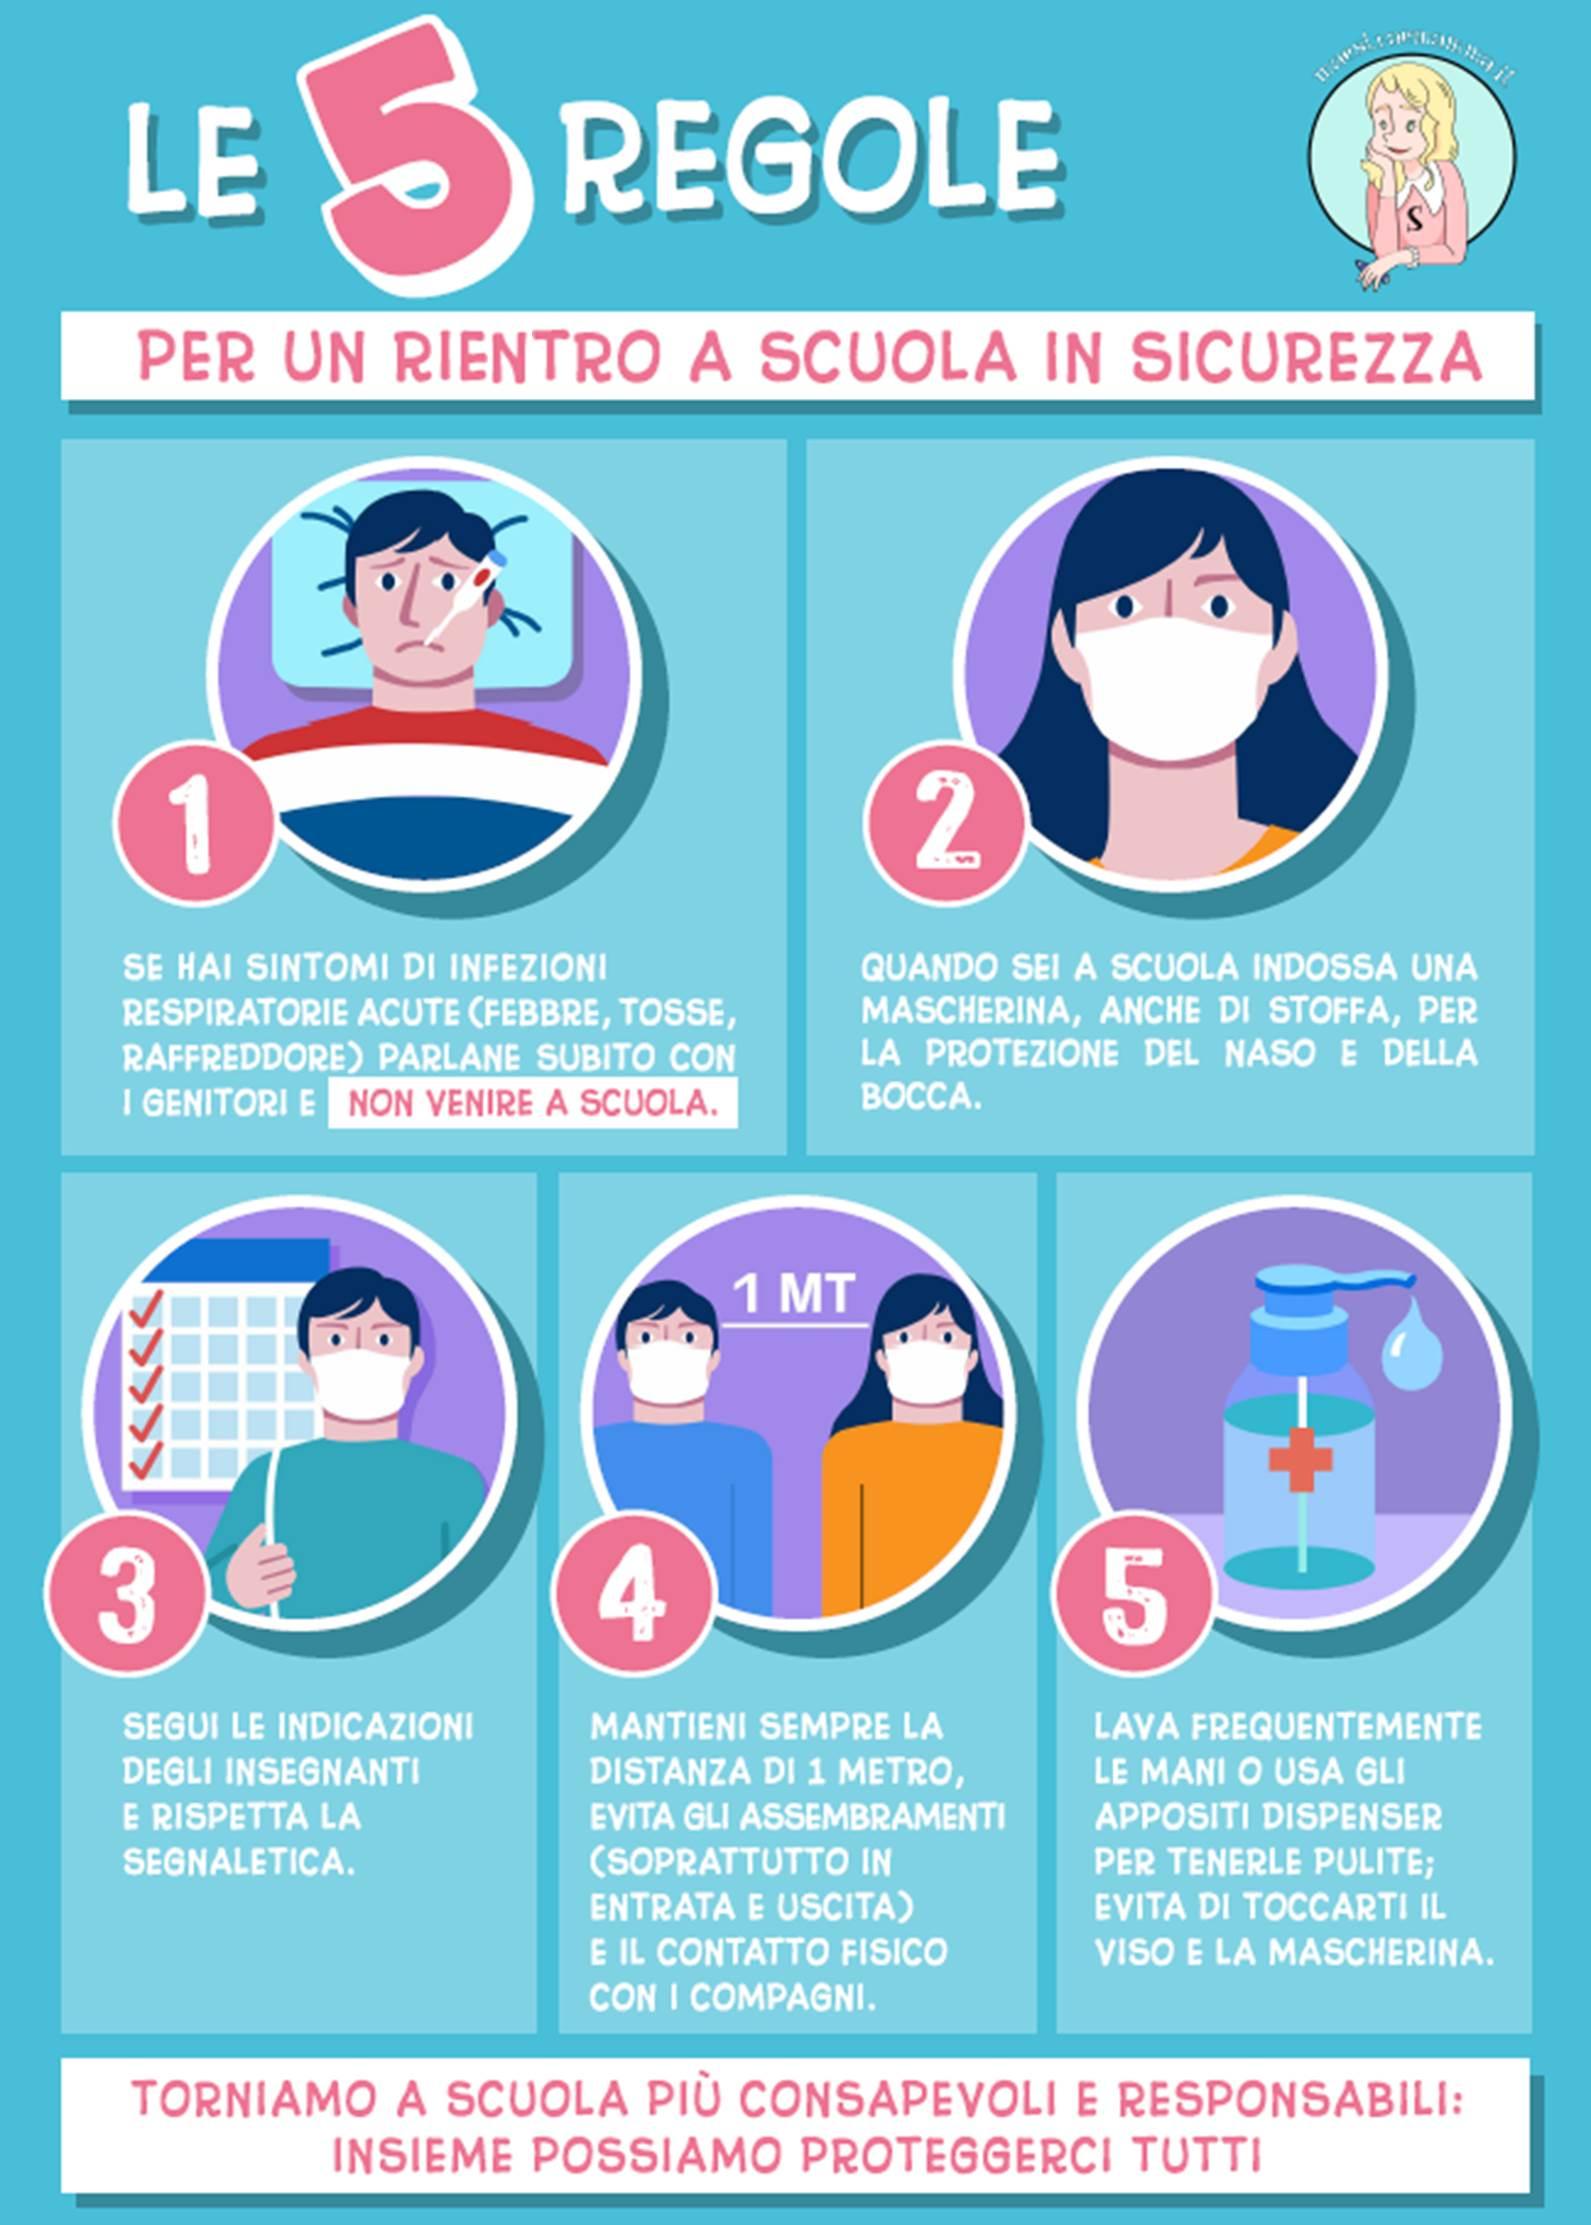 5 regole miur rientro a scuola in sicurezza a settembre